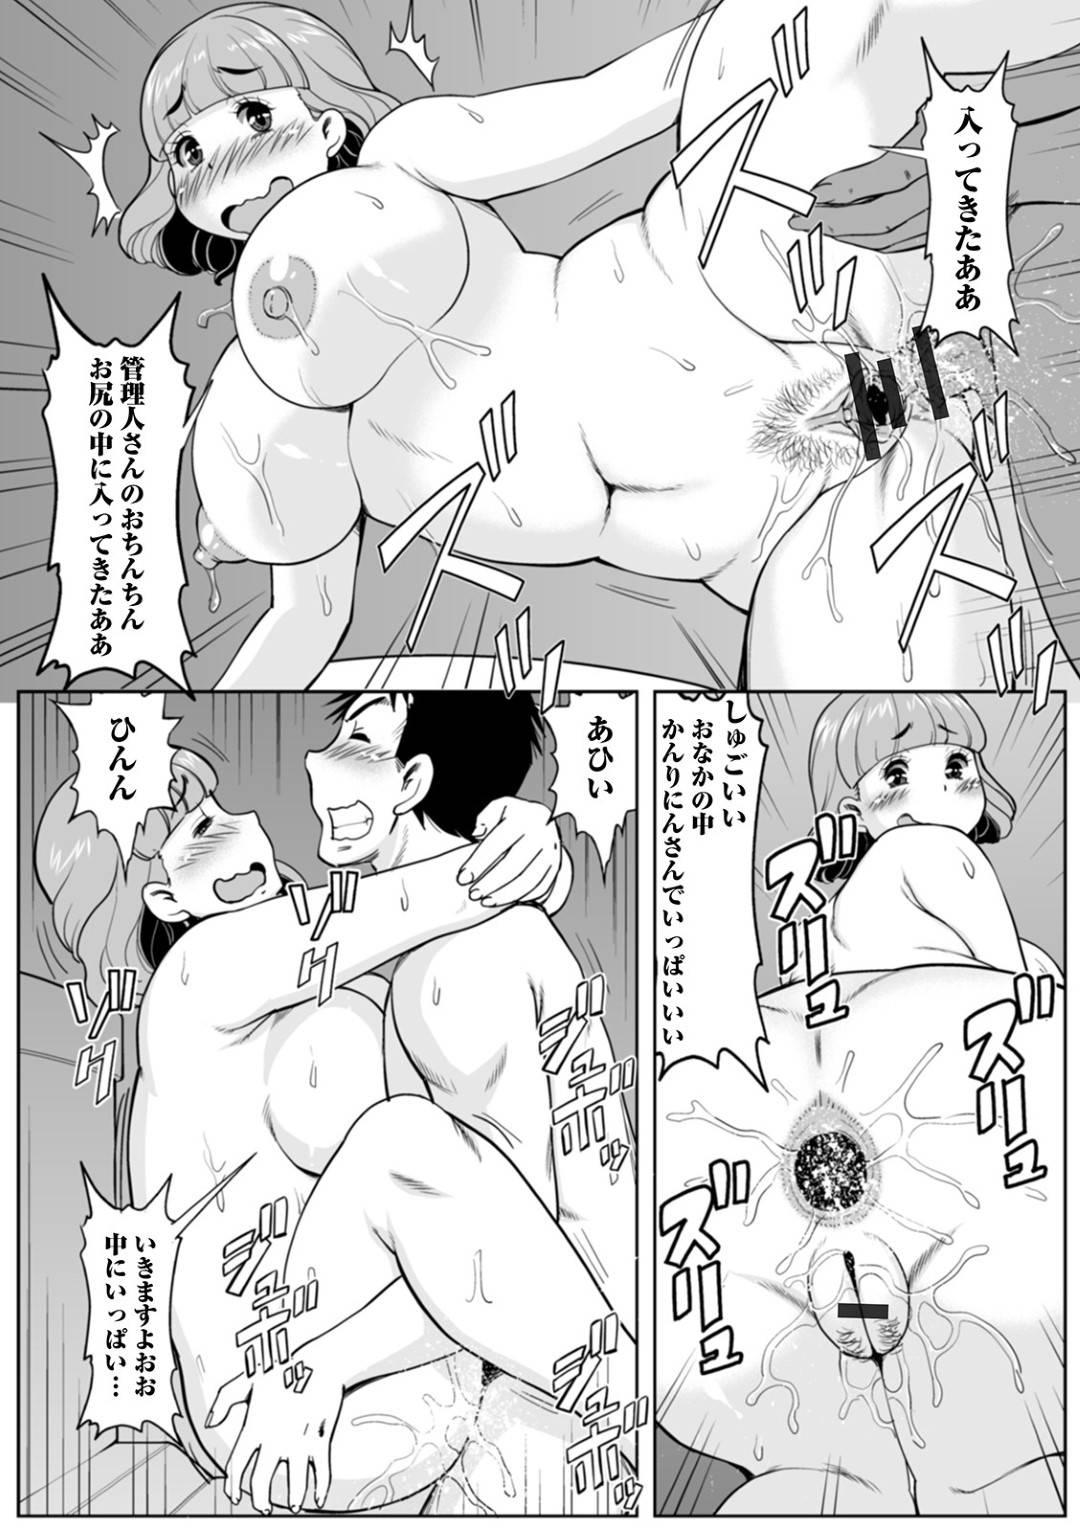 【エロ漫画】とあるアパートの新しい若い男性の管理人に挨拶する巨乳人妻達…雨漏りが酷いから見て欲しいと頼んで管理人に自分のマンコを見てもらう!【ムラさん】